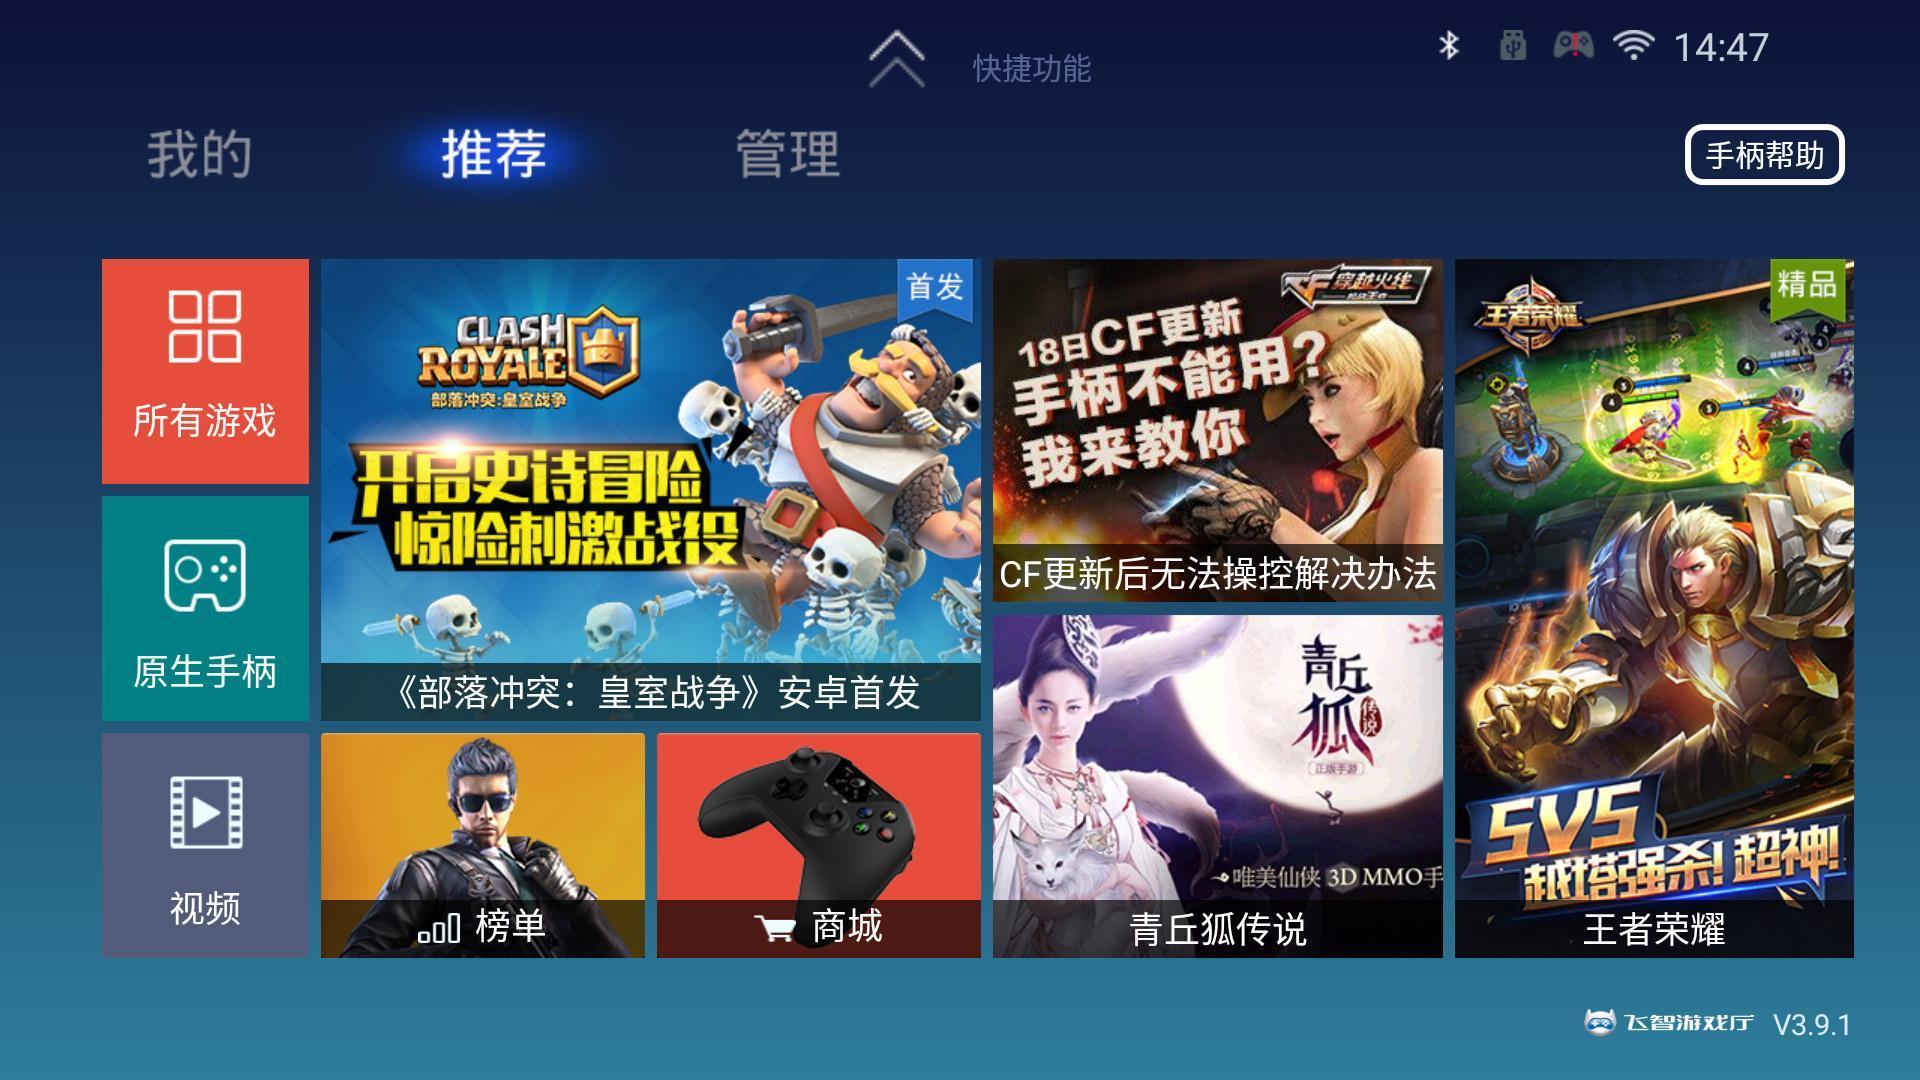 飞智游戏厅 v3.13.2最新版